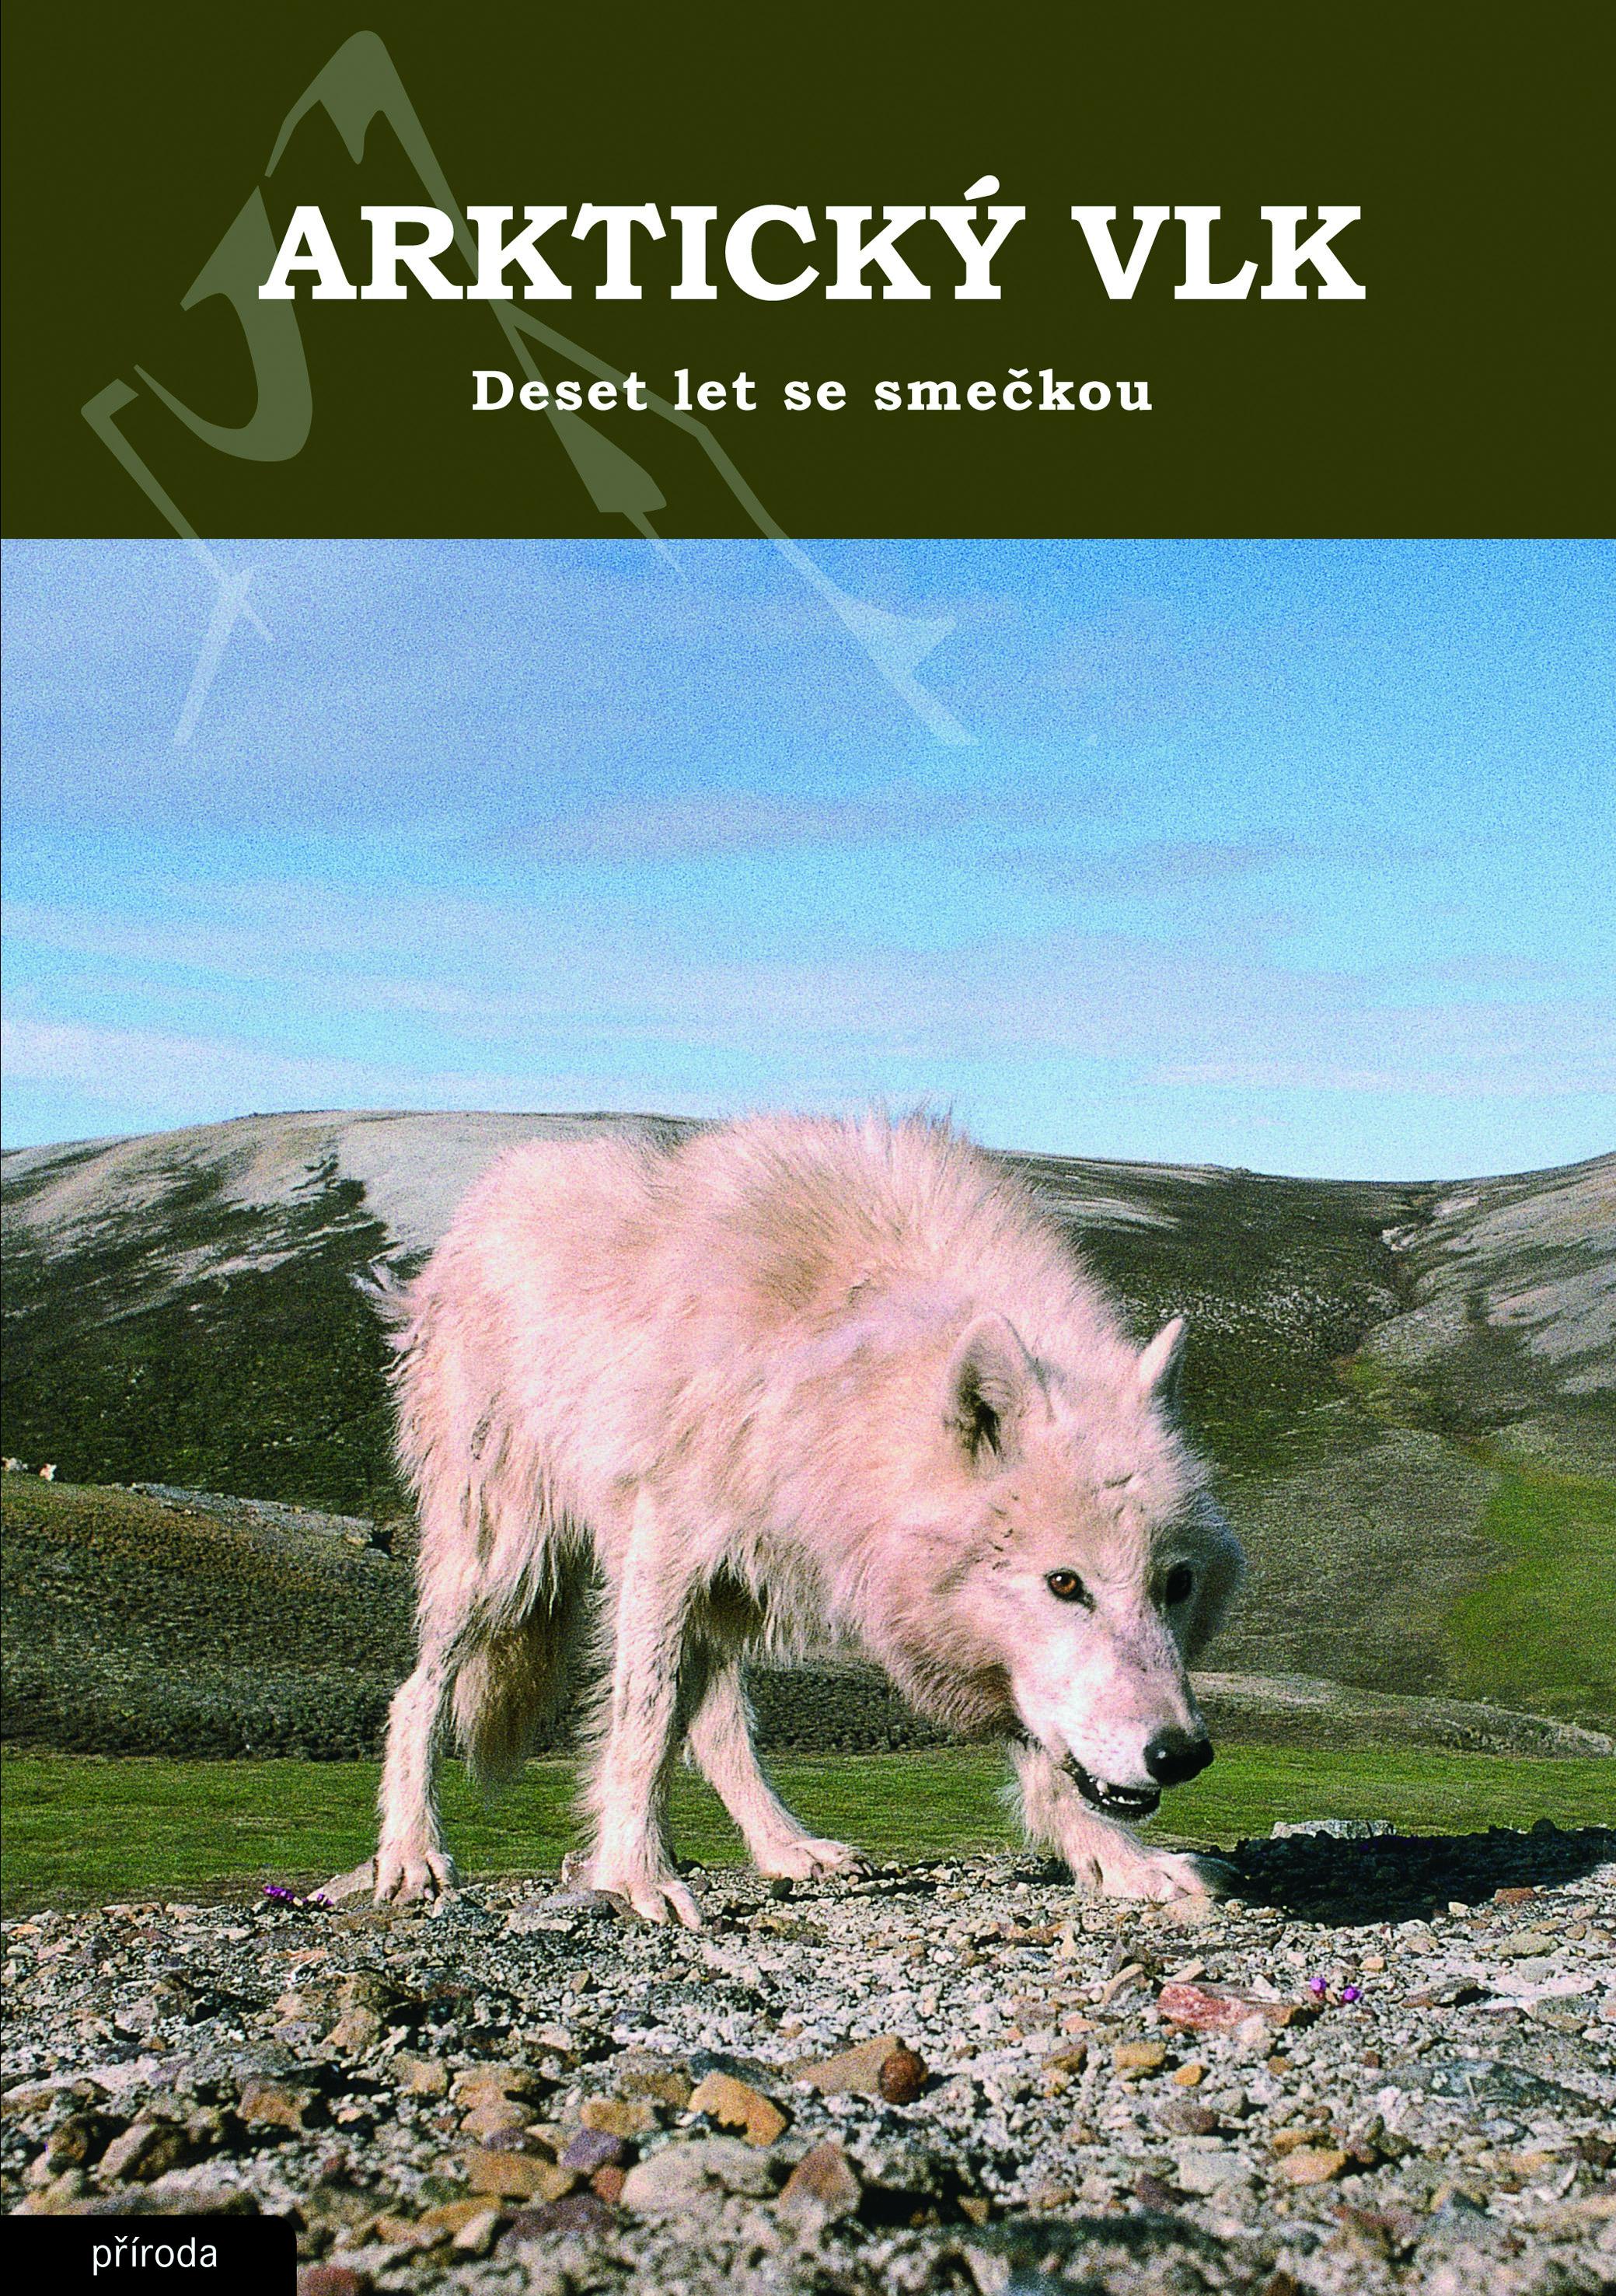 Arktický vlk - Deset let se smečkou [2. vydání]